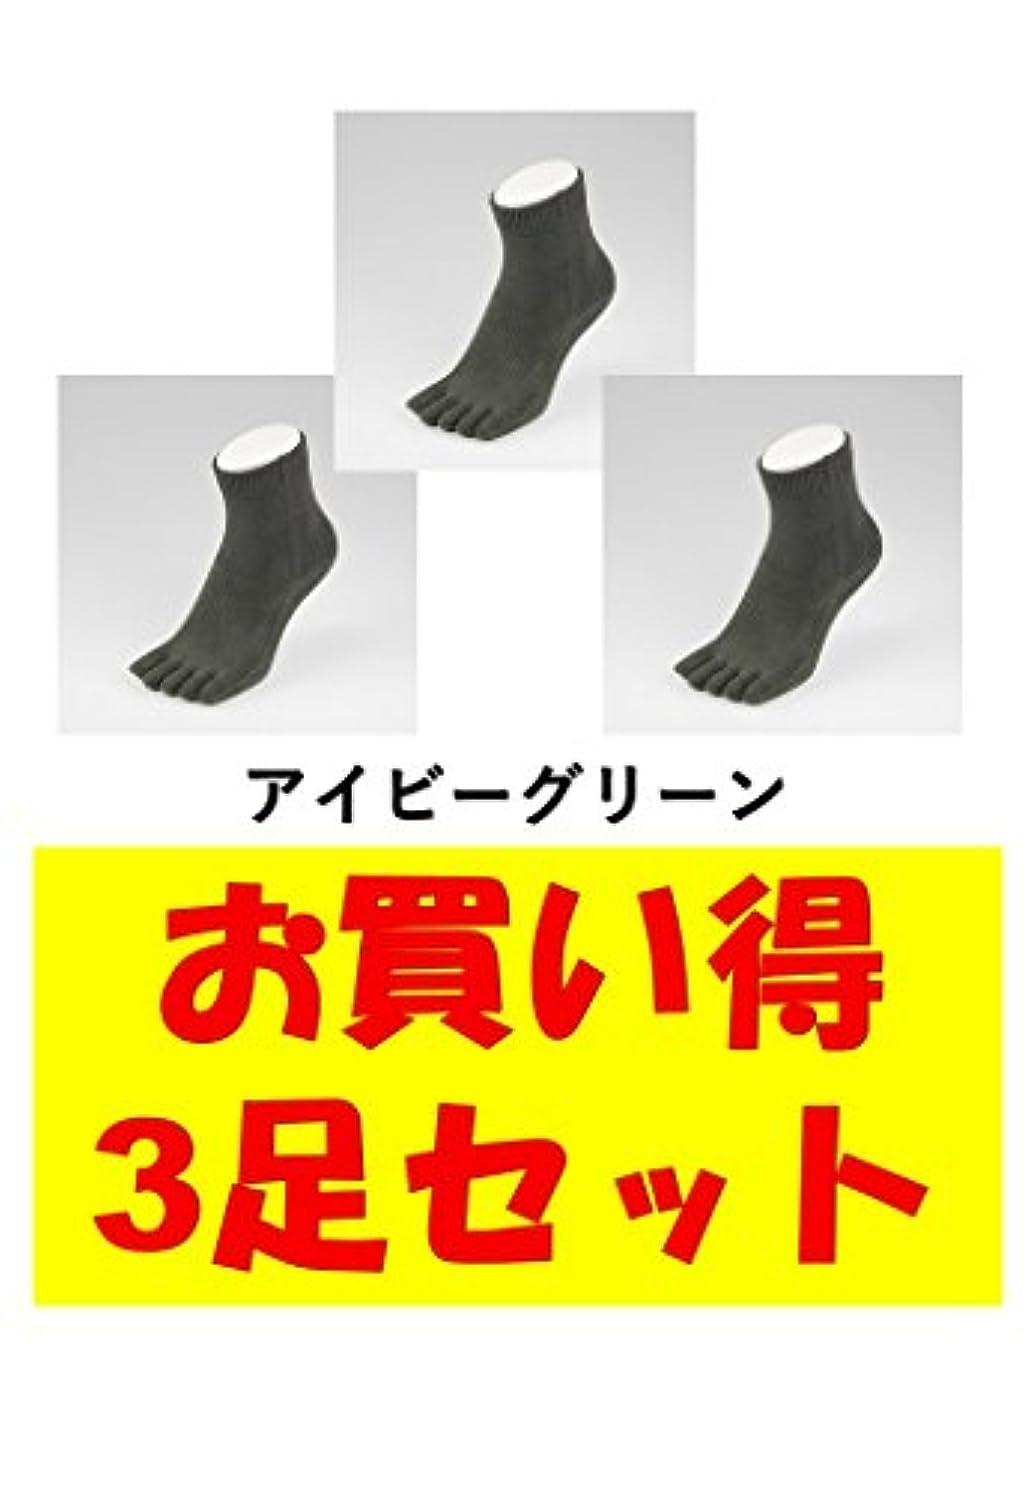 理想的には落胆させる思想お買い得3足セット 5本指 ゆびのばソックス Neo EVE(イヴ) アイビーグリーン Sサイズ(21.0cm - 24.0cm) YSNEVE-IGR